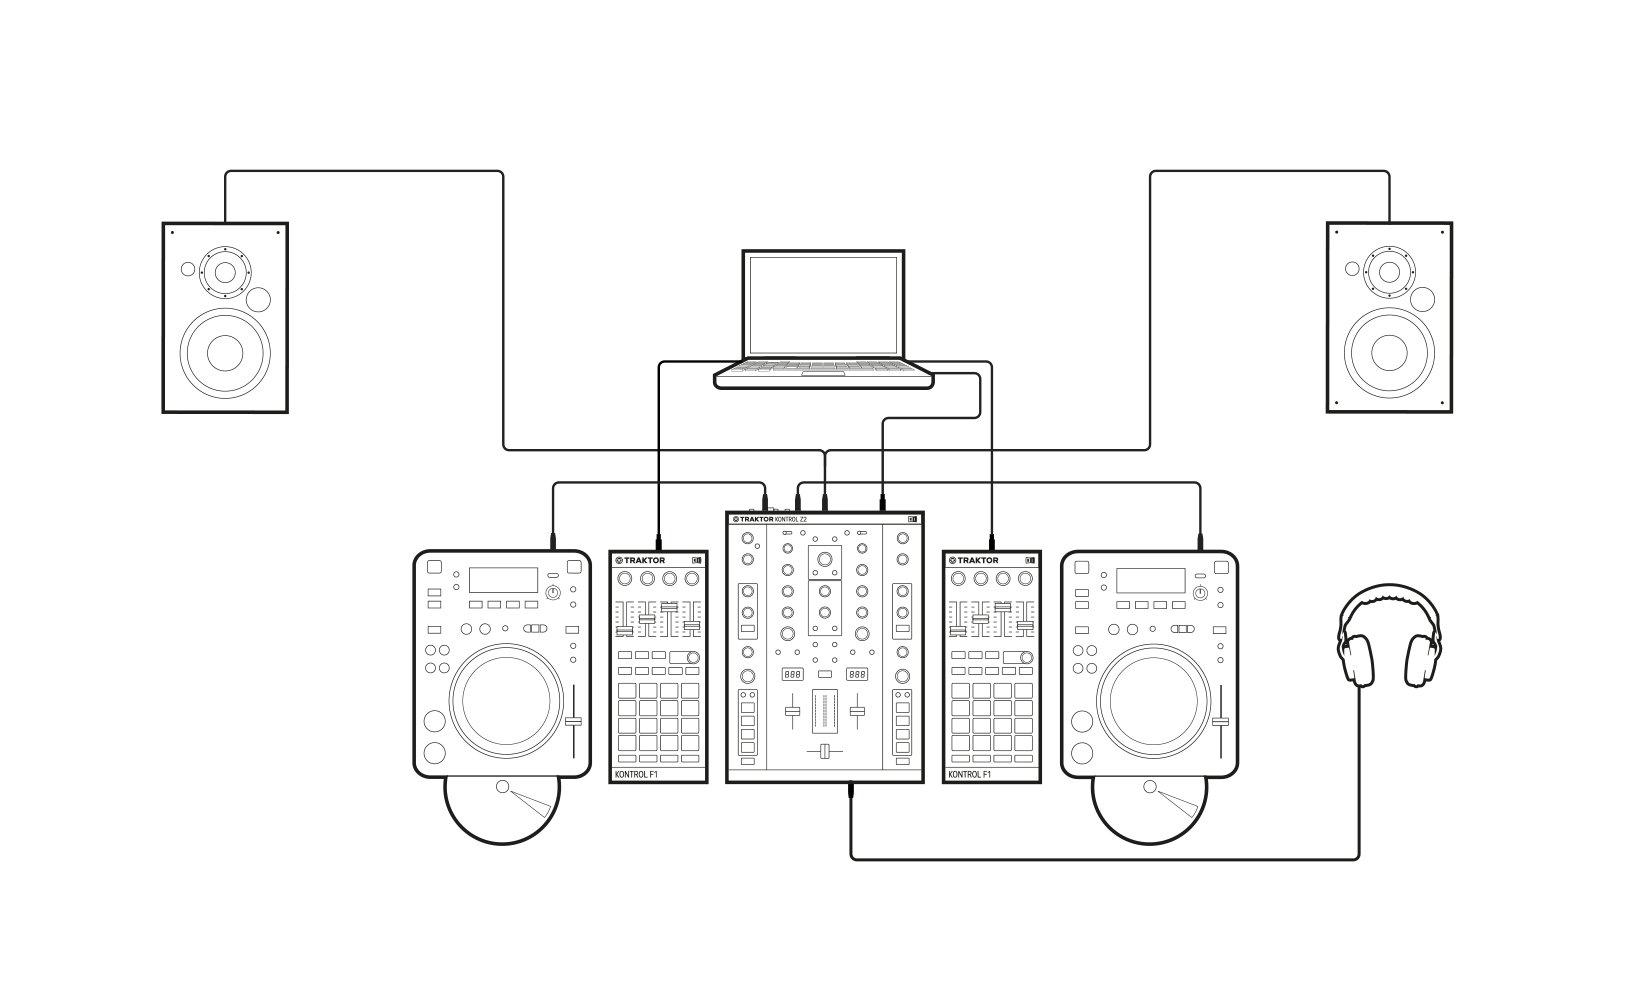 how to setup traktor pro 2 with external mixer